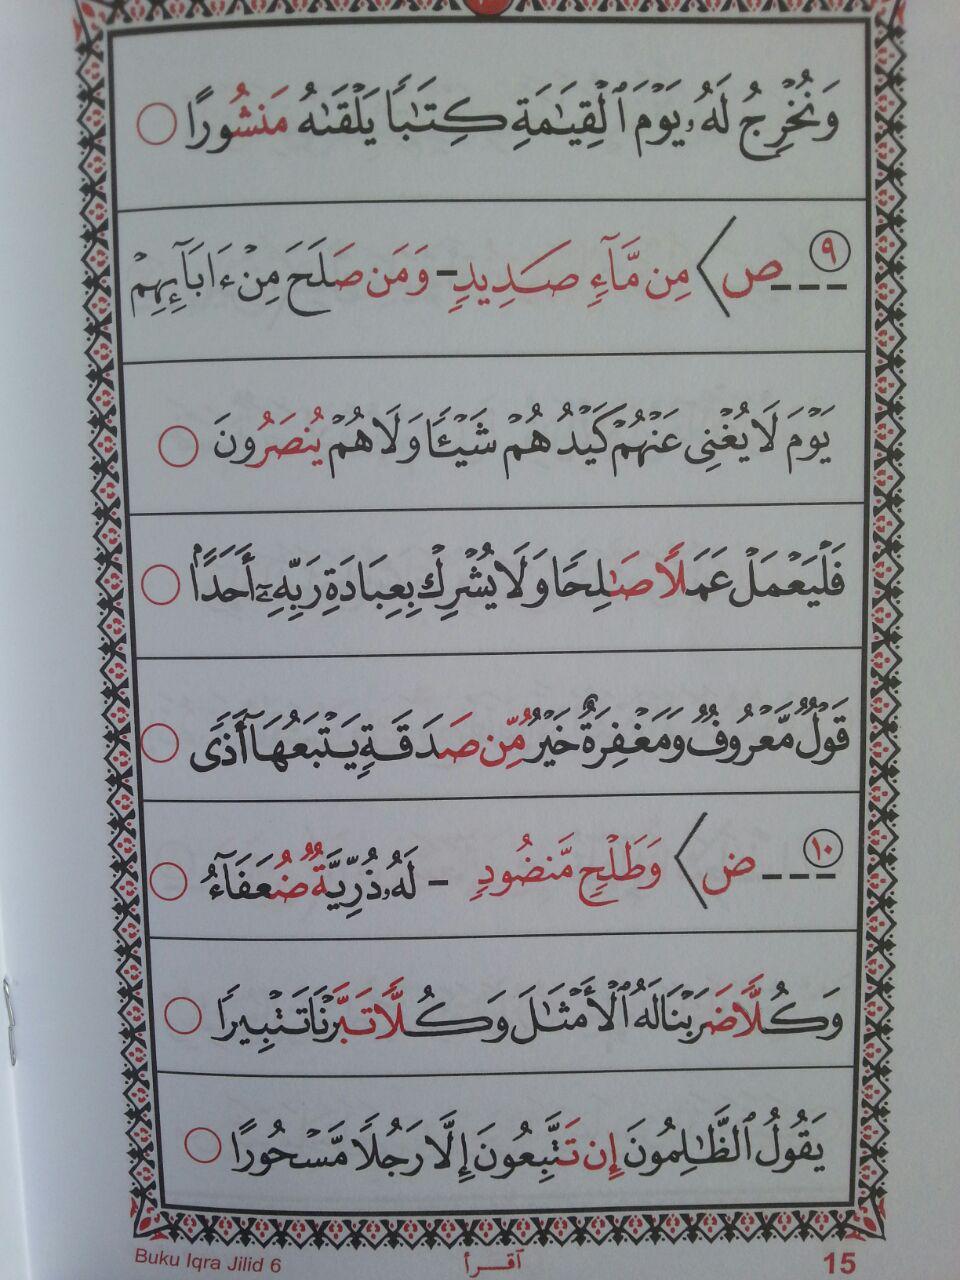 Buku Iqro Cara Cepat Belajar Membaca Qur'an Rasmul Utsmani A5 Set isi 3